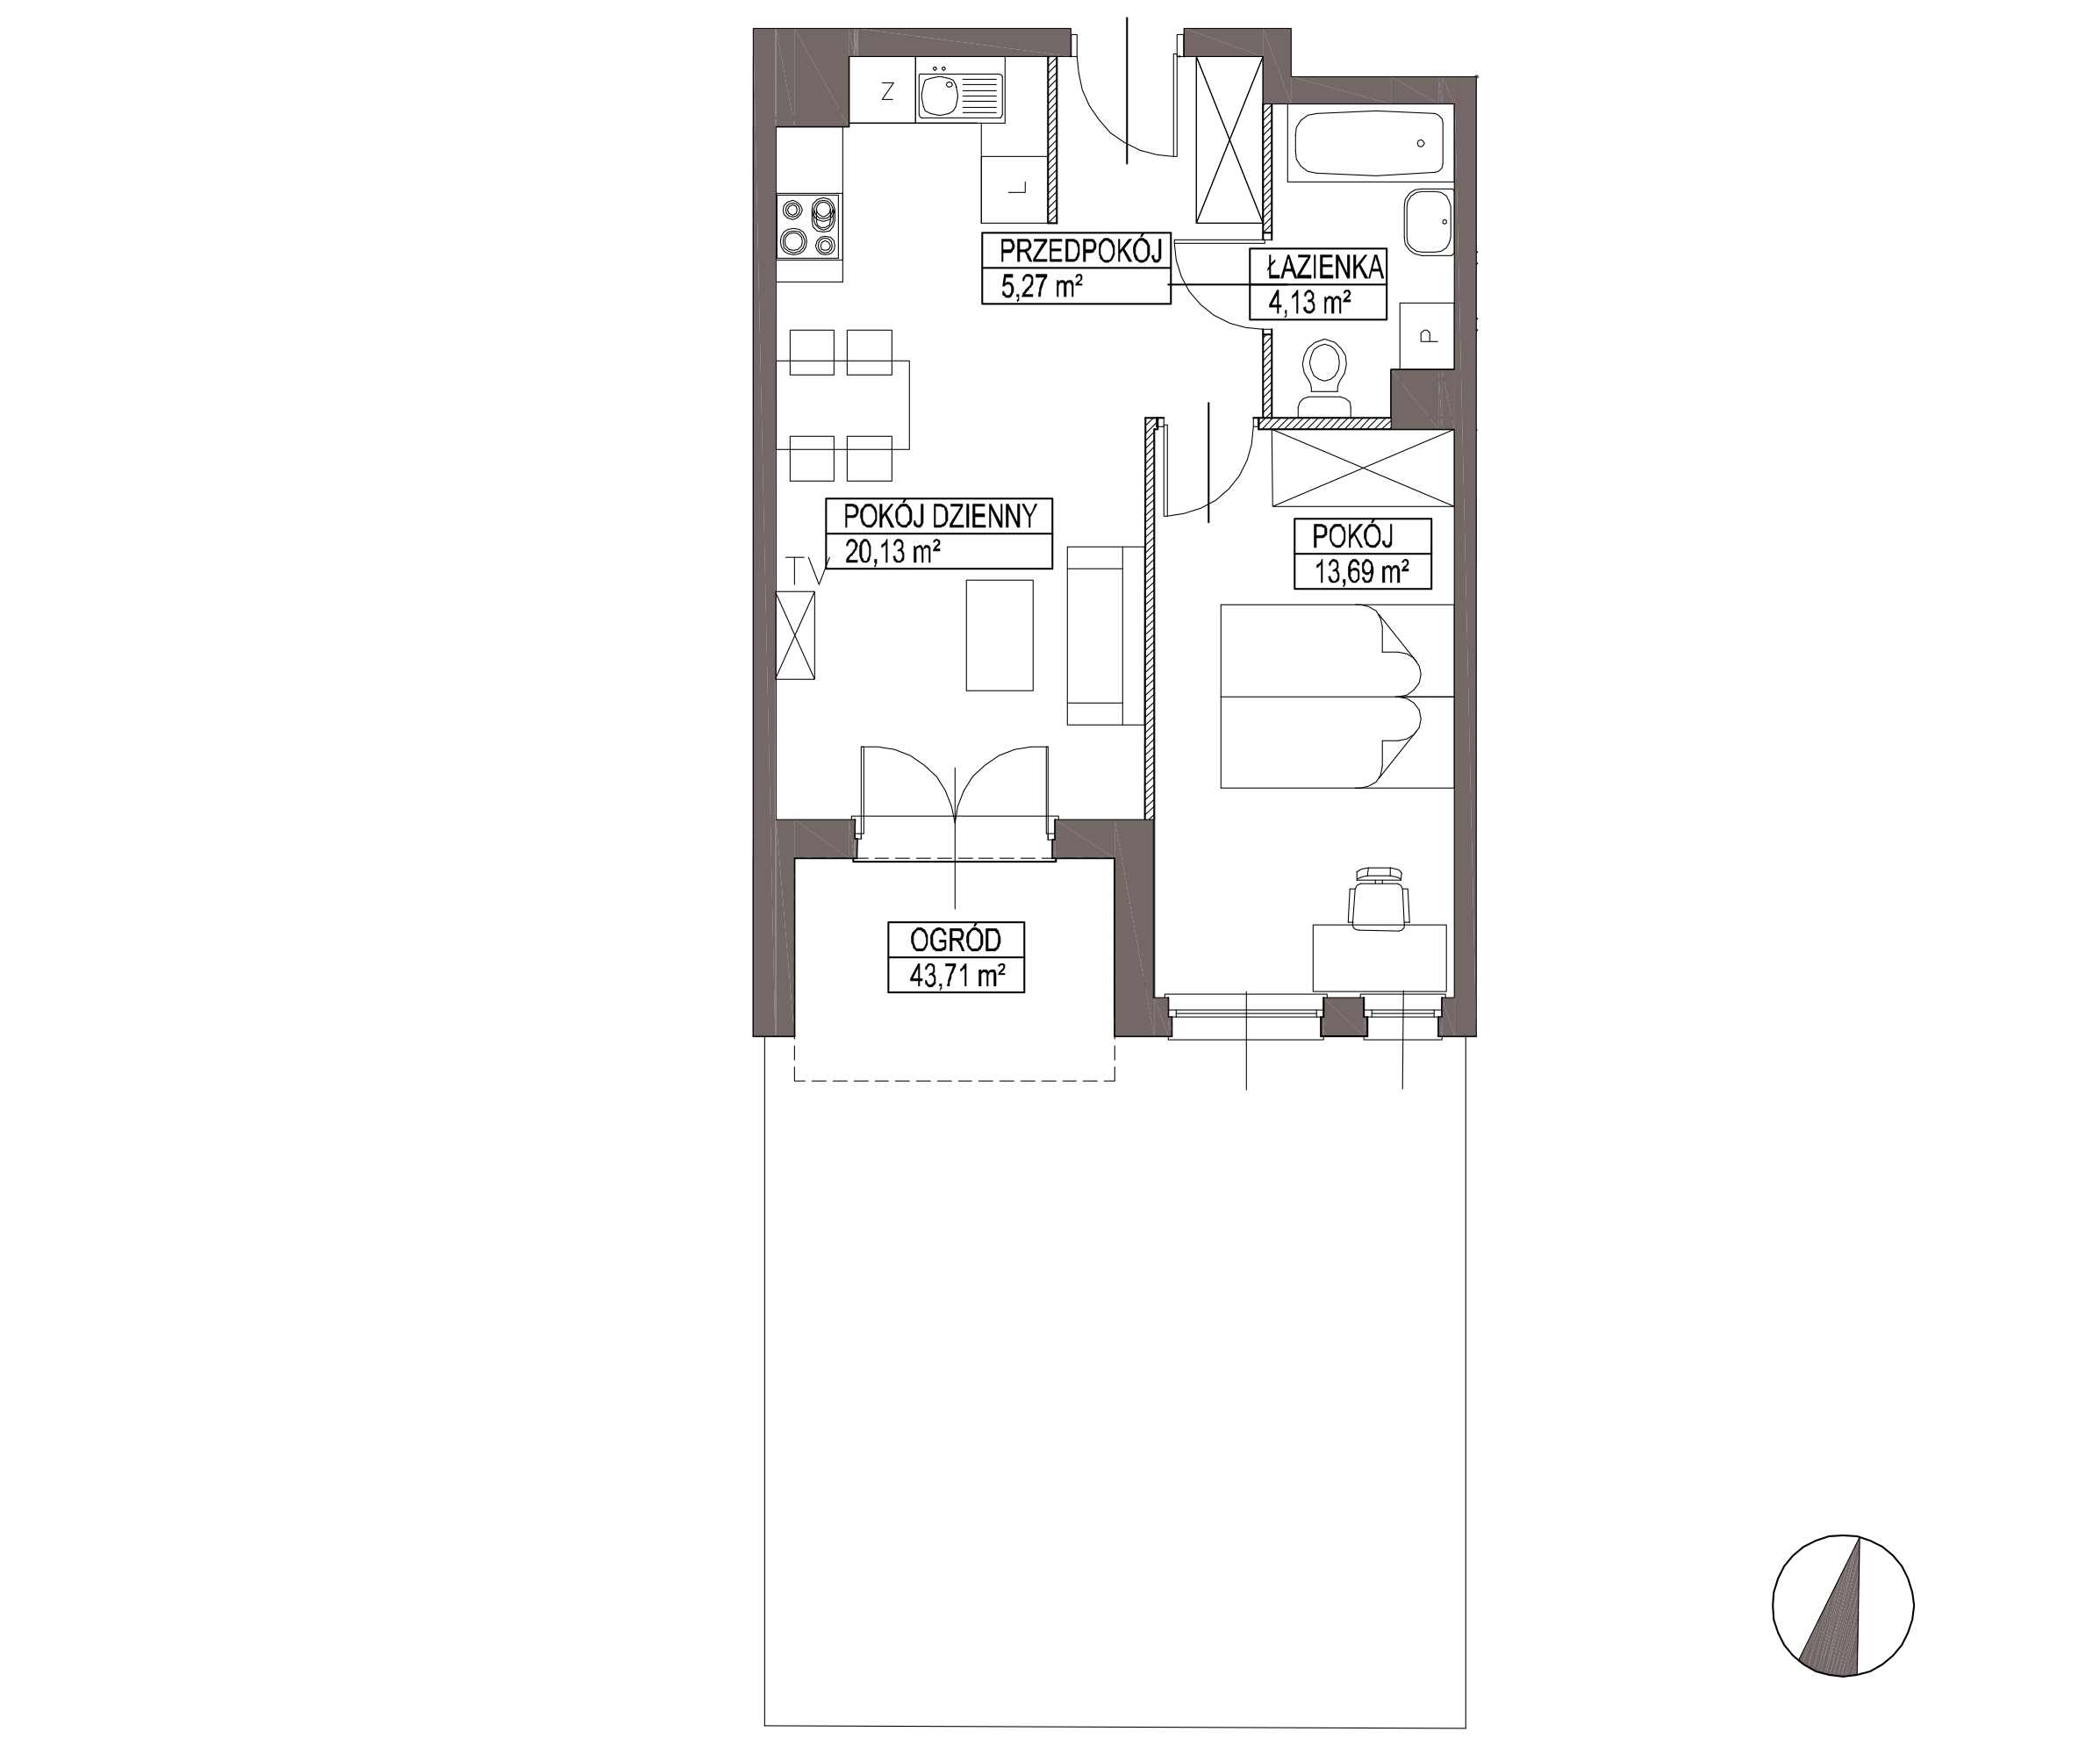 Kameralna Olszówka / budynek 1 / mieszkanie KO/A/0/3 rzut 1